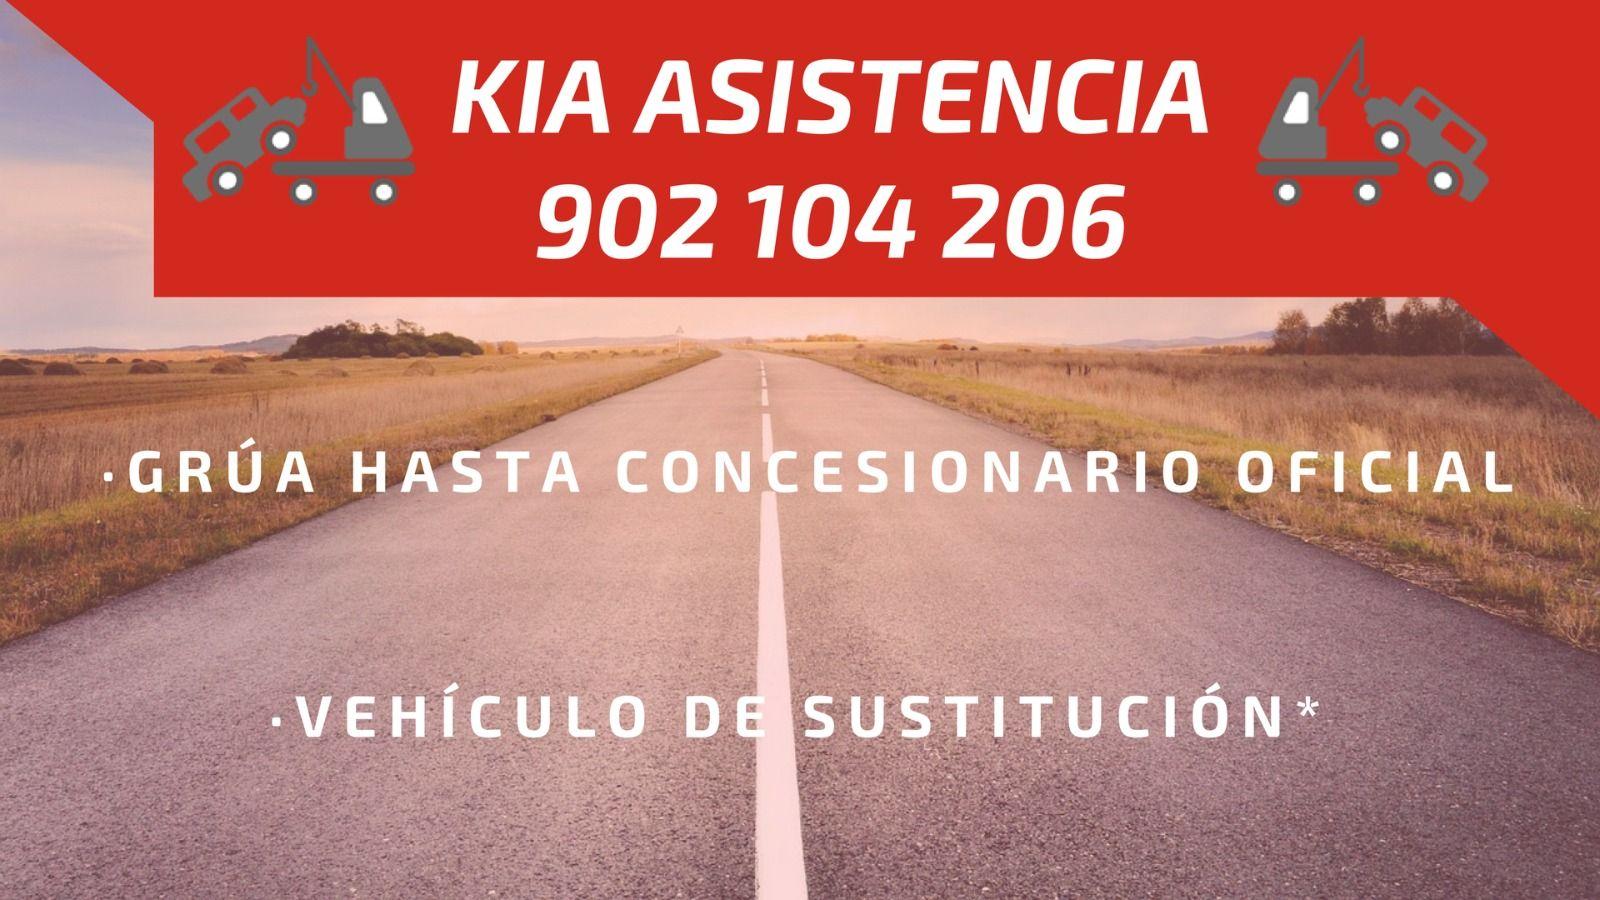 Kia Asistencia